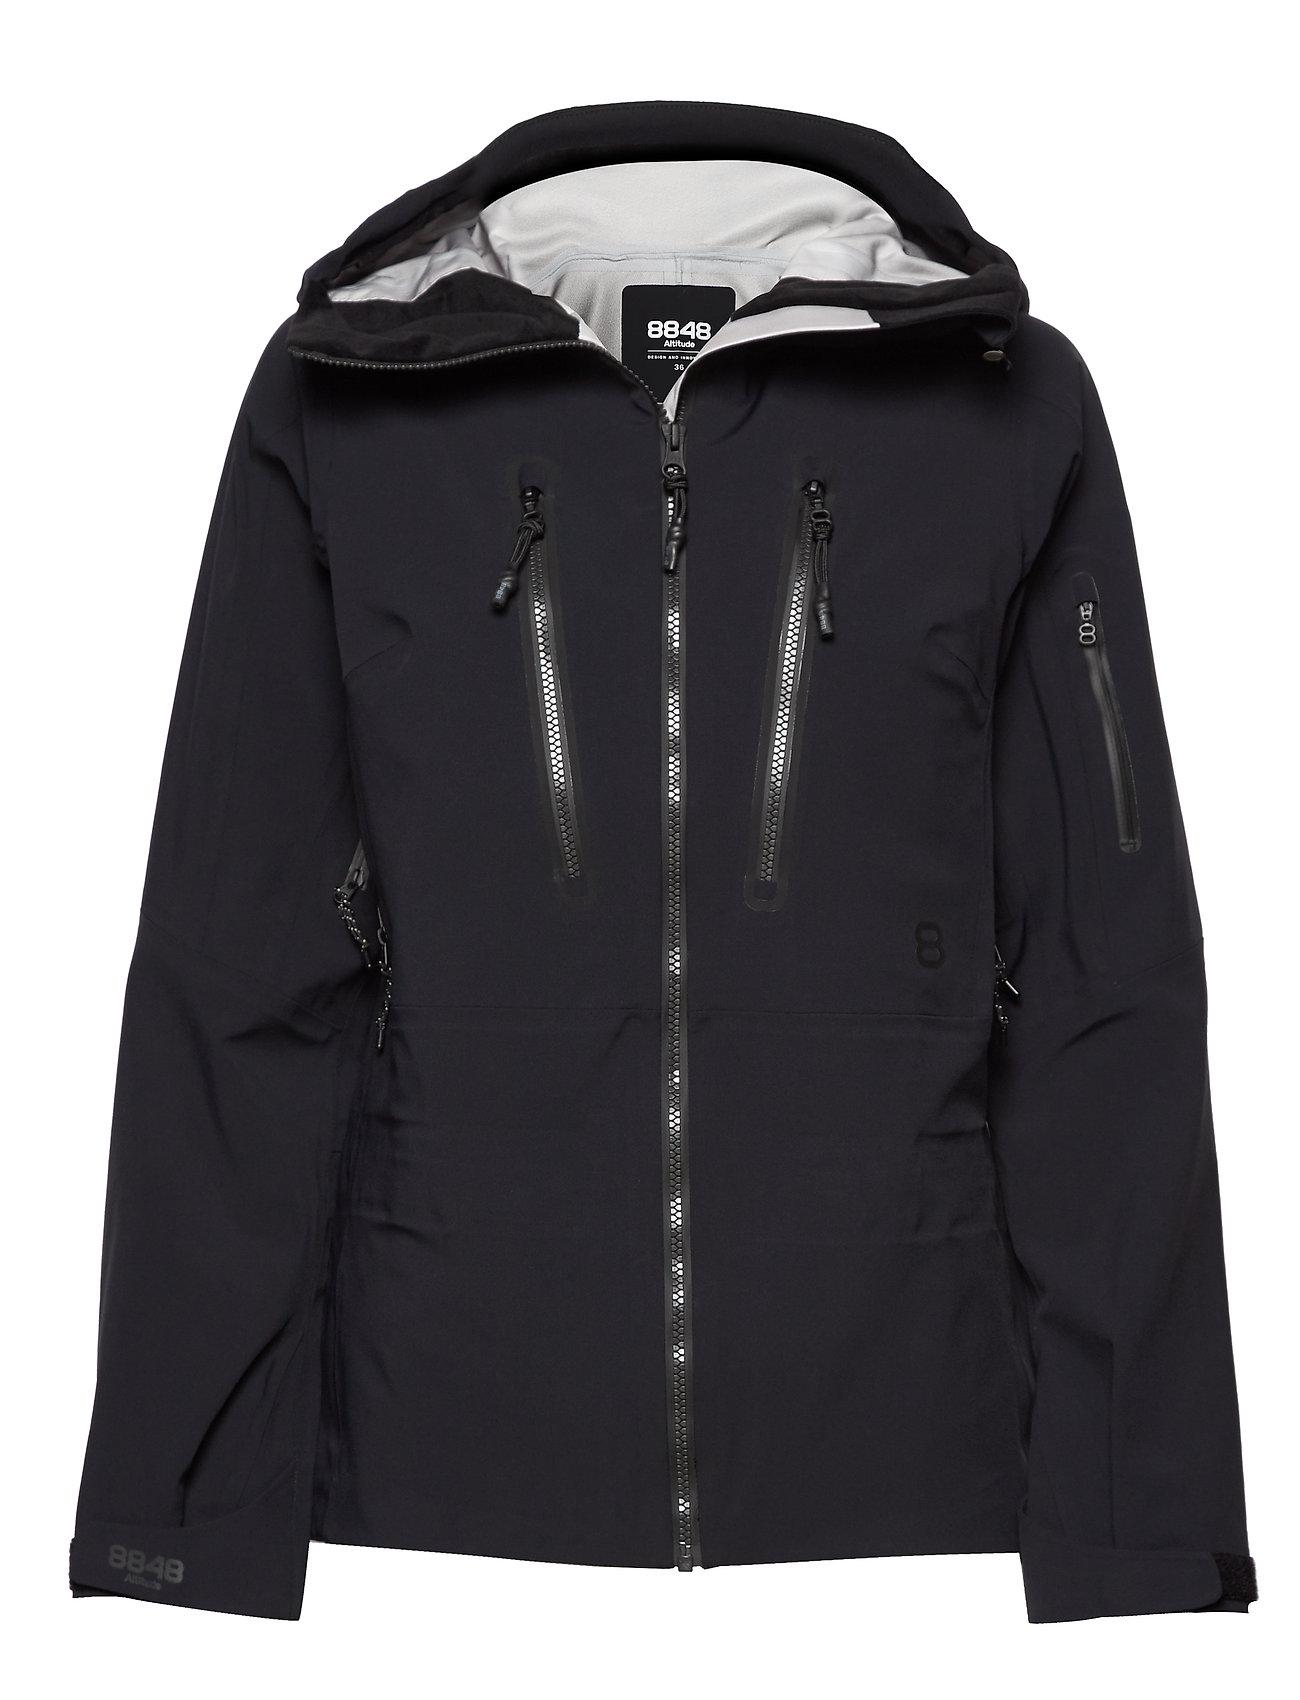 8848 Altitude Pow W Jacket - BLACK